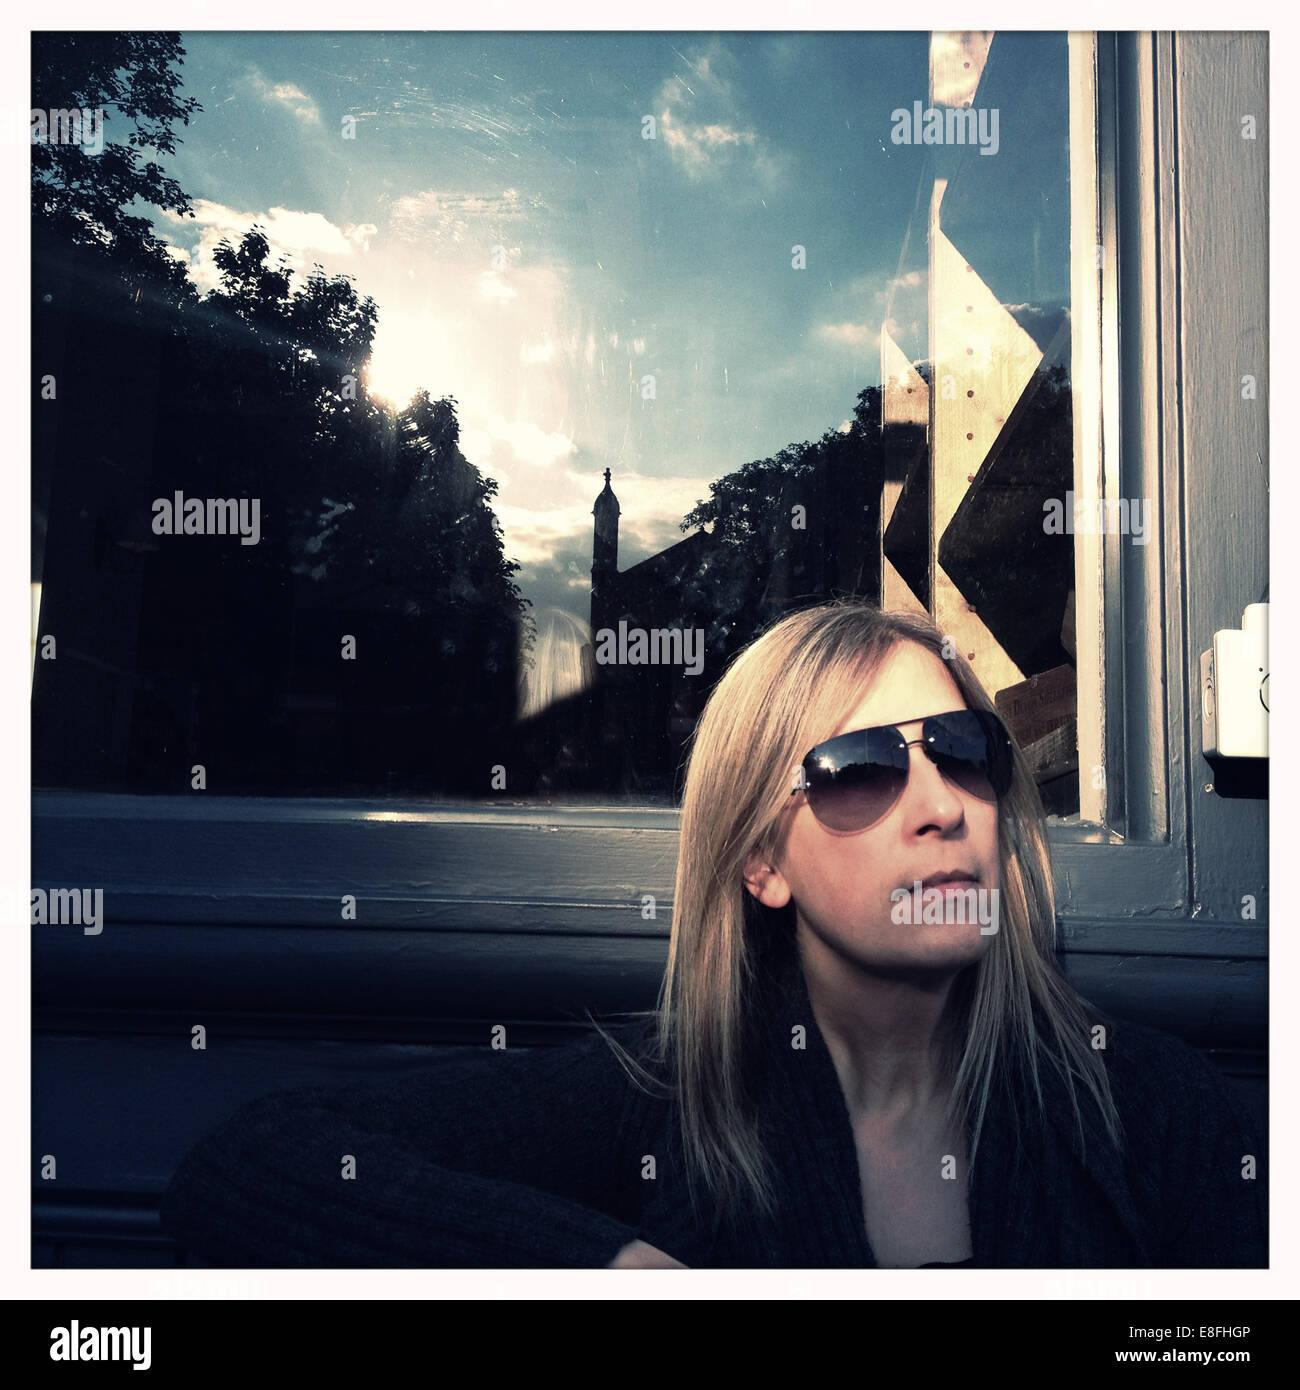 Retrato de una mujer sentada delante de una ventana en el sol Imagen De Stock